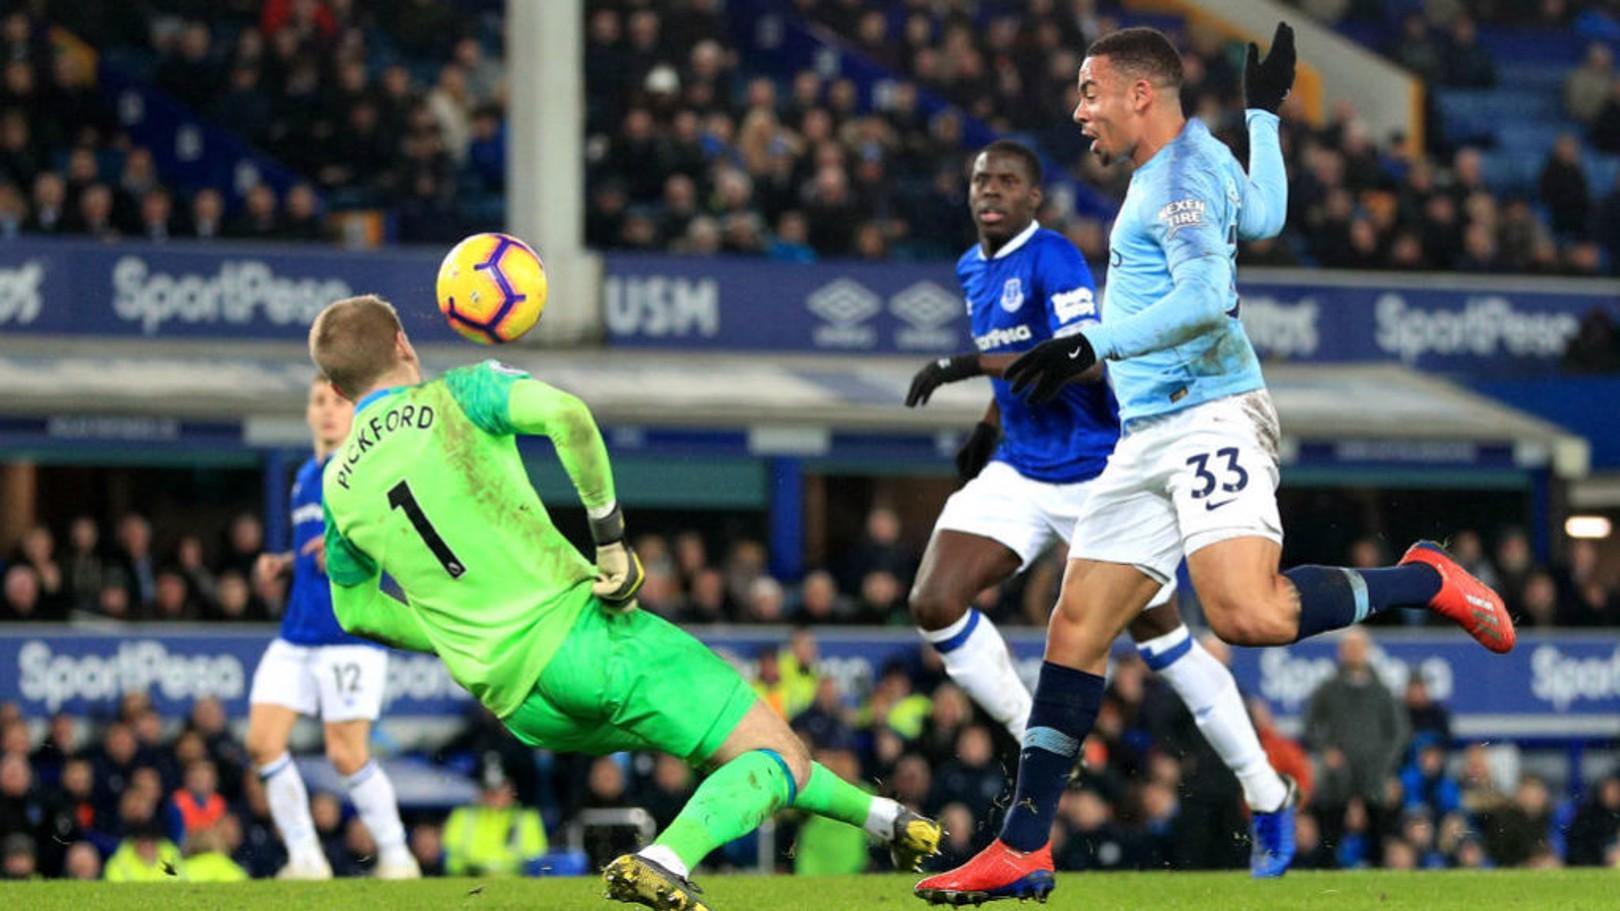 Em que canal assistir a Everton - City?